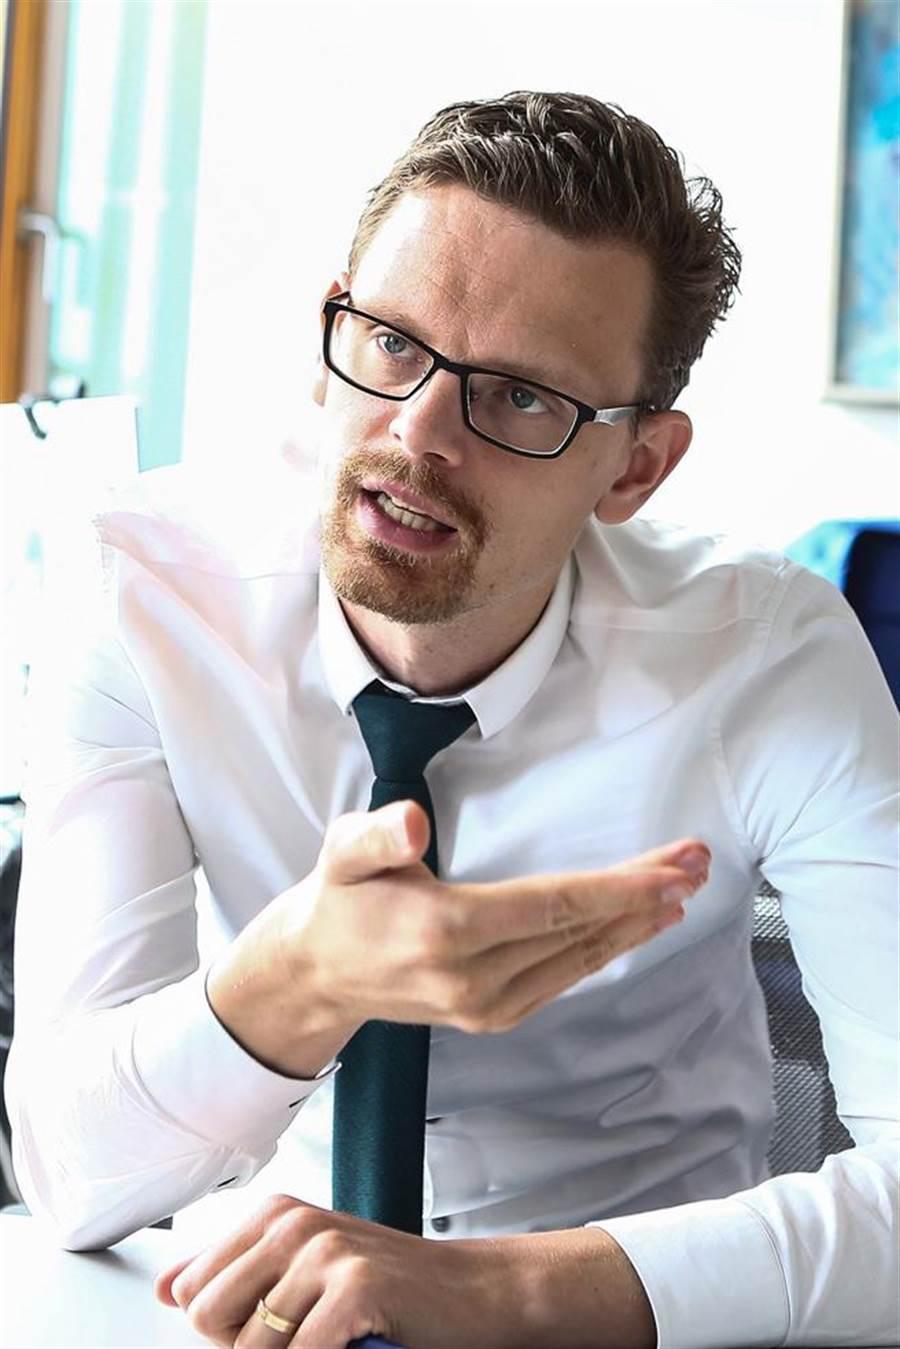 德國工商協會經濟學家 IIja Nothnagel指出,新的聯合政府組成後,必須加強在數位化、投資基礎建設與強化技速勞工。(鄧博仁攝)